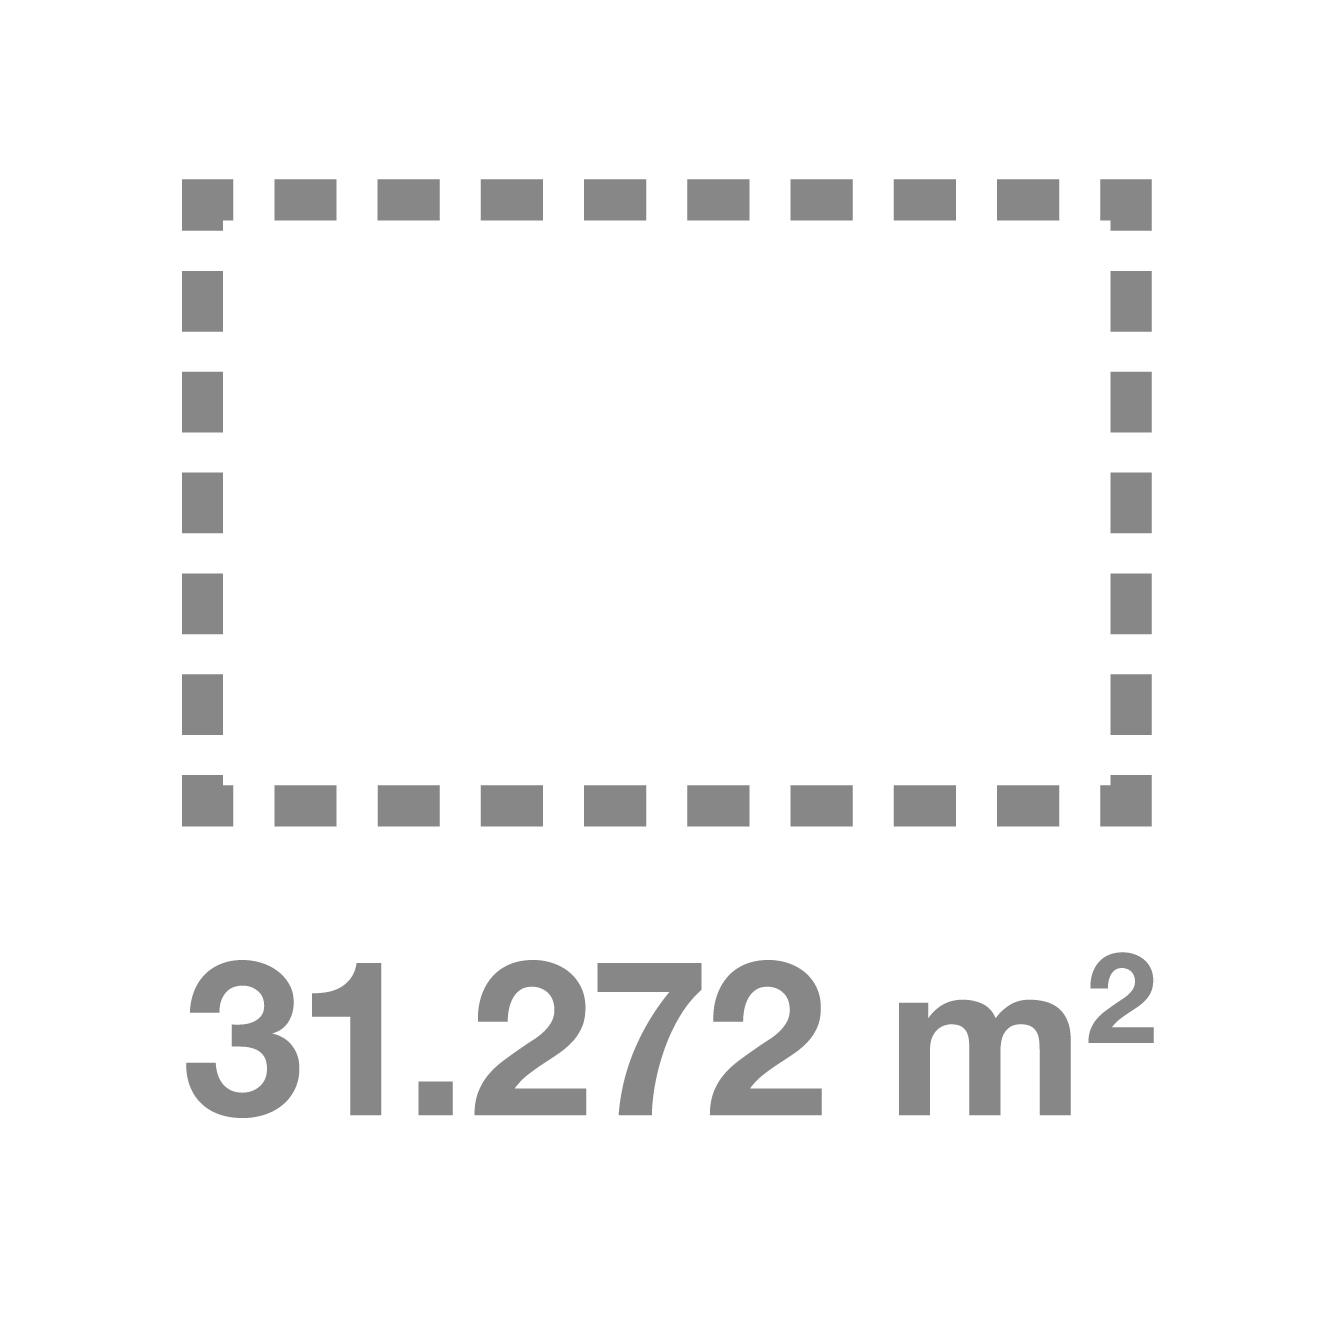 31272 Metros Cuadrados de superficie